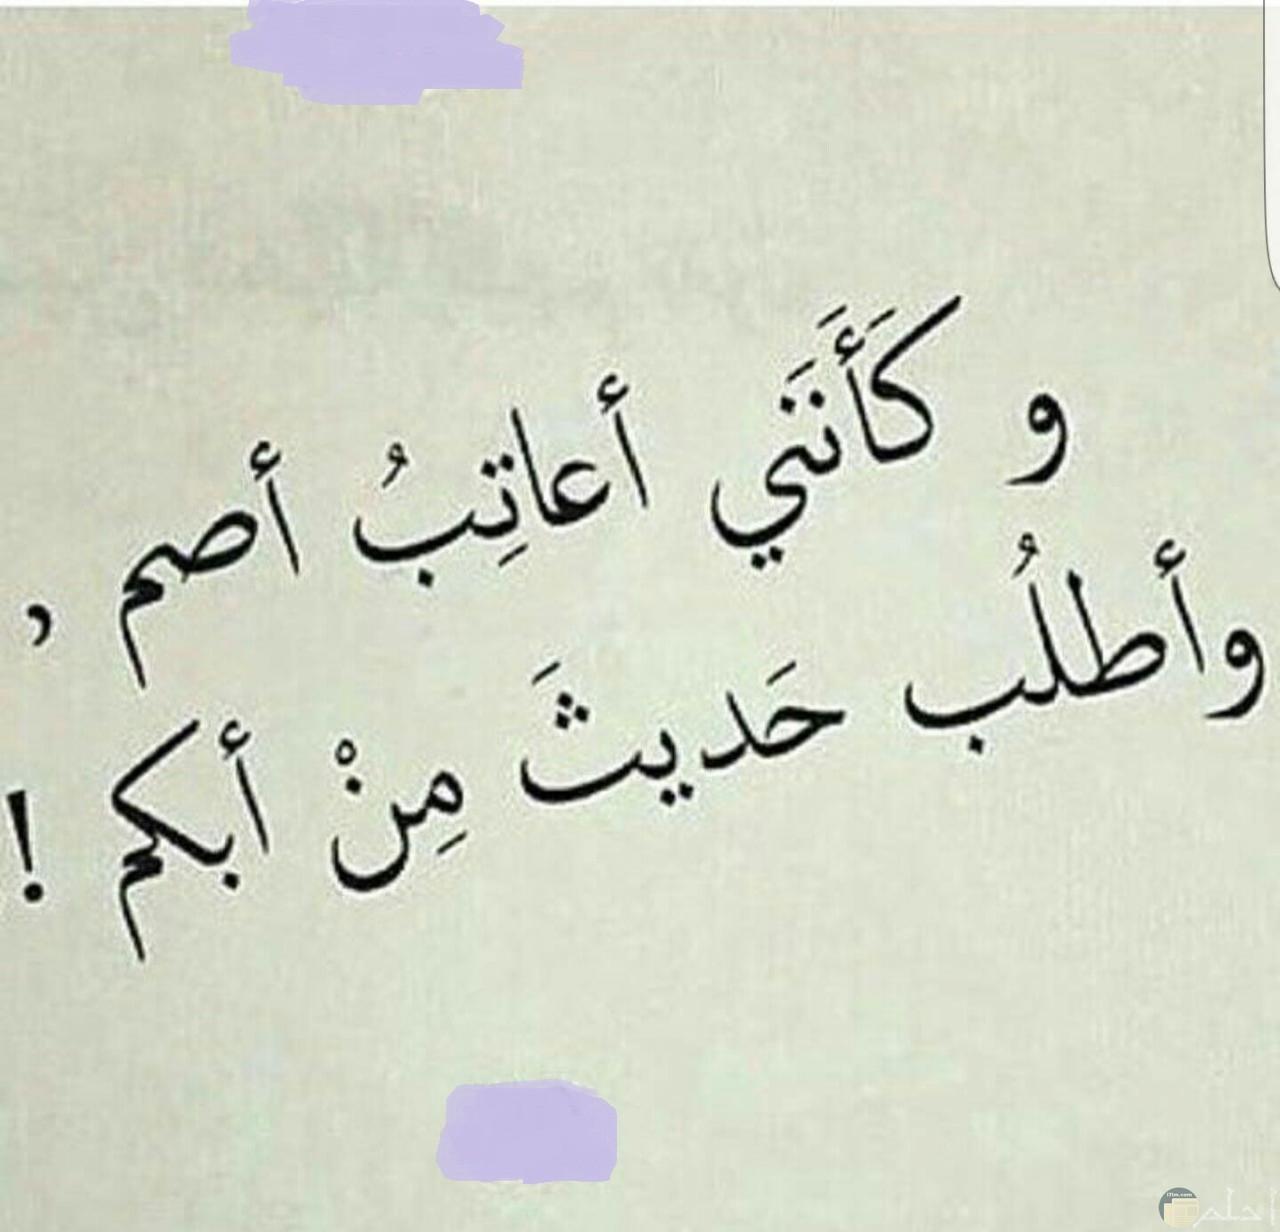 صورة كلام عتاب بلا جدوى.